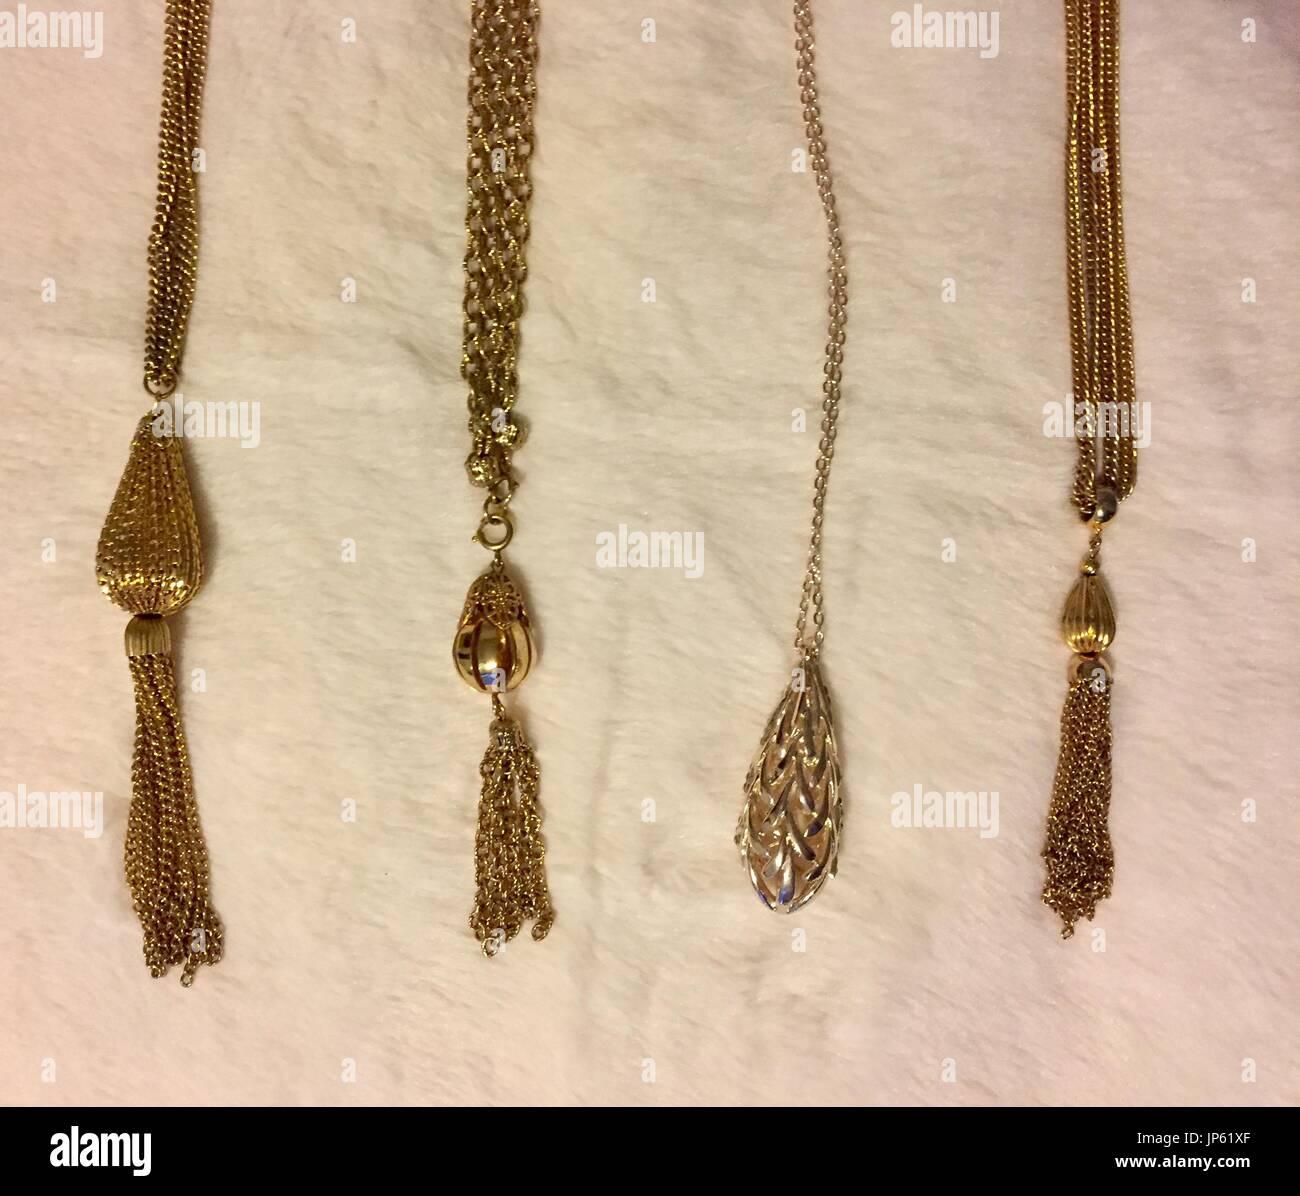 Rope Chain Gold Stockfotos und bilder Kaufen Alamy